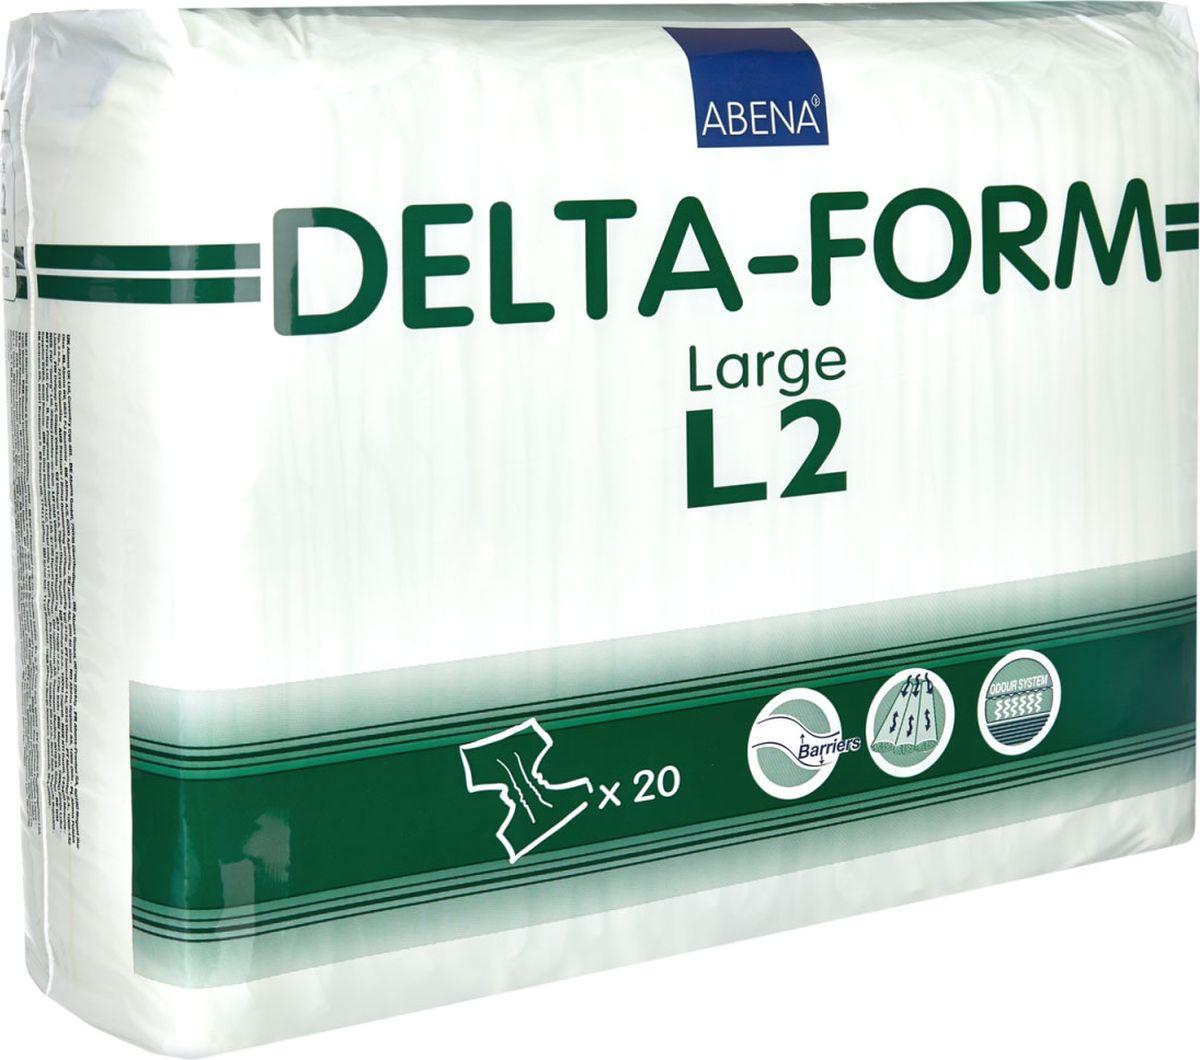 Abena Подгузники для взрослых Delta-Form L2 20 шт308863Подгузники для взрослых Abena Delta-Form созданы для ухода за пациентами, имеющими недержание мочи. Они имеют анатомическую форму, которая обеспечивает оптимальный комфорт и активность пациента. Внутренняя поверхность изготавливается из особого материала, который обеспечивает сухость, защиту кожи и проникновение влаги только в одну сторону. Благодаря наличию распределительного слоя TOP DRY влага впитывается очень быстро и минимально контактирует с кожей.Впитываемость 2700 г. Размер 100-150 см.